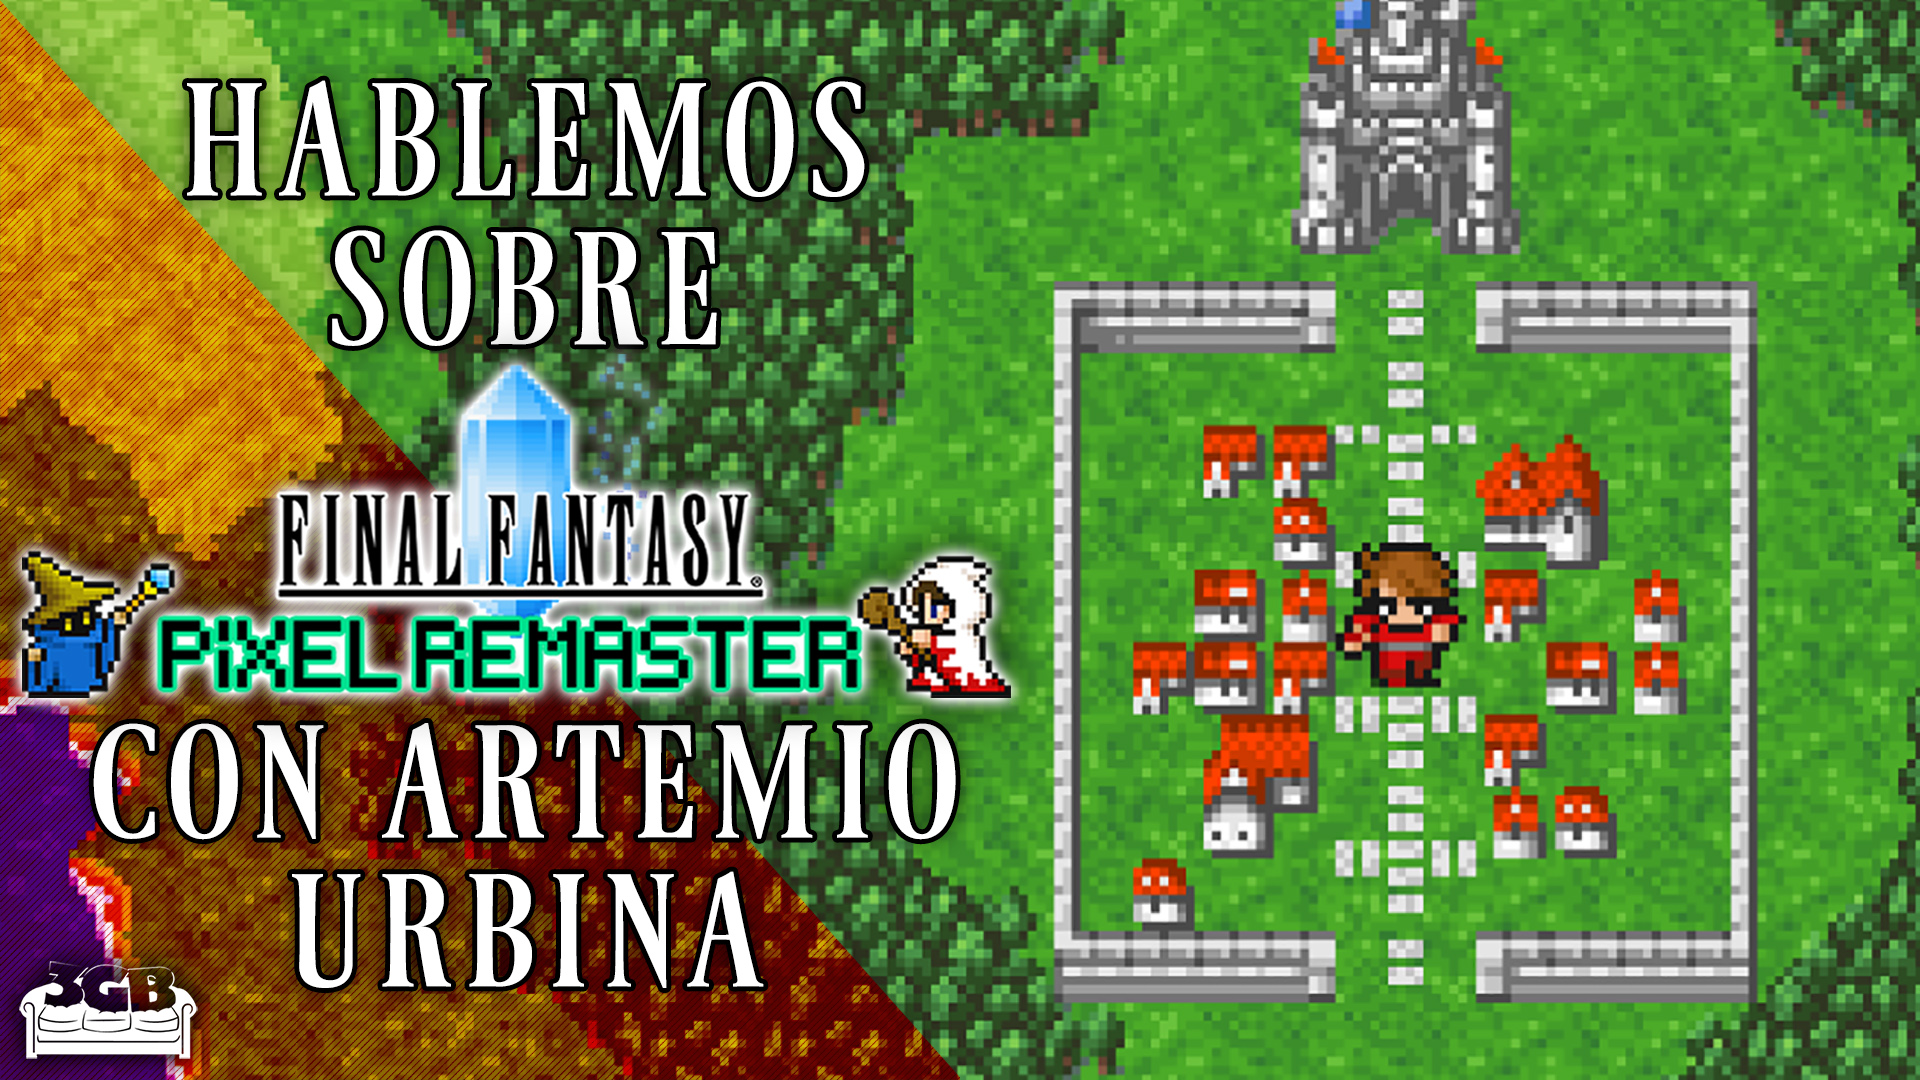 Hablemos sobre Final Fantasy Pixel Remaster con Artemio Urbina